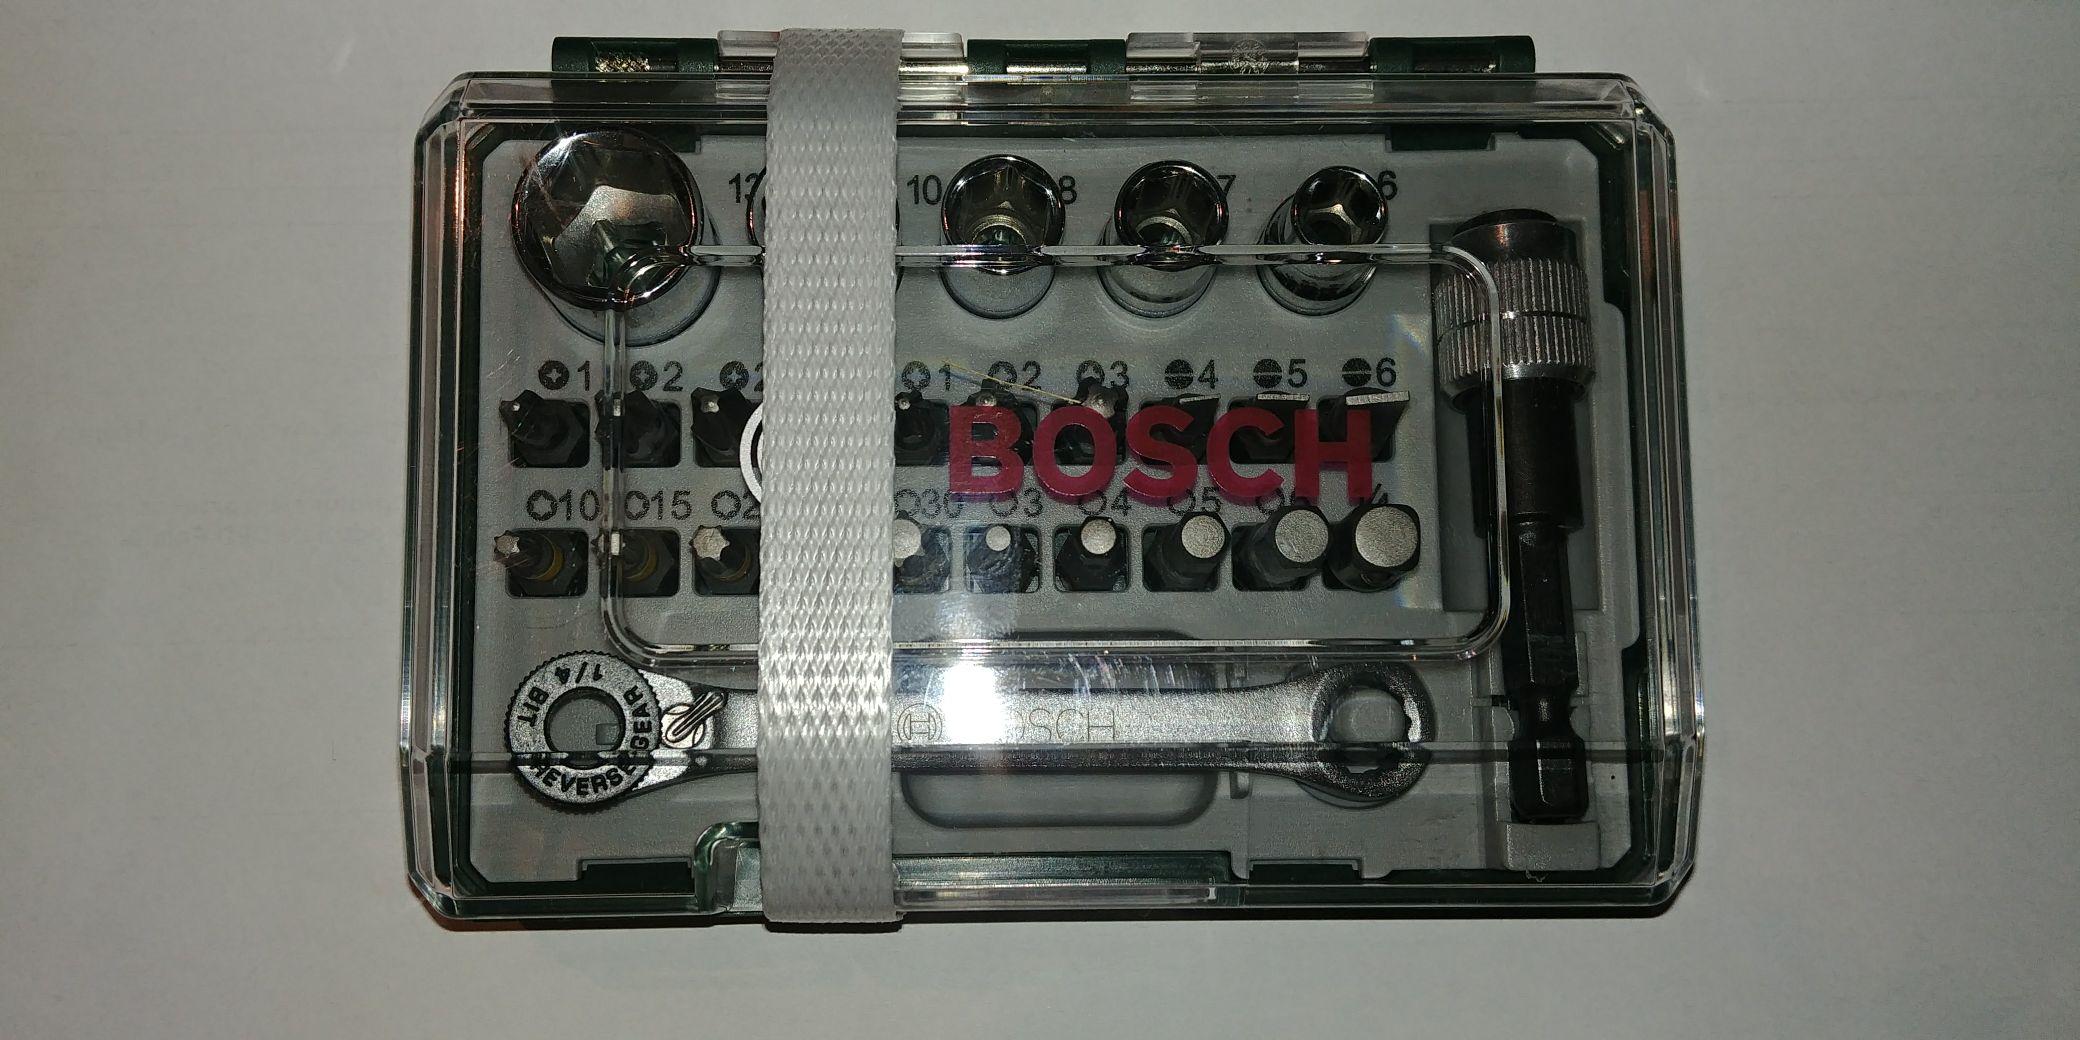 Zestaw bitów Bosch 27 części za 2,80 zł w Kauflandzie